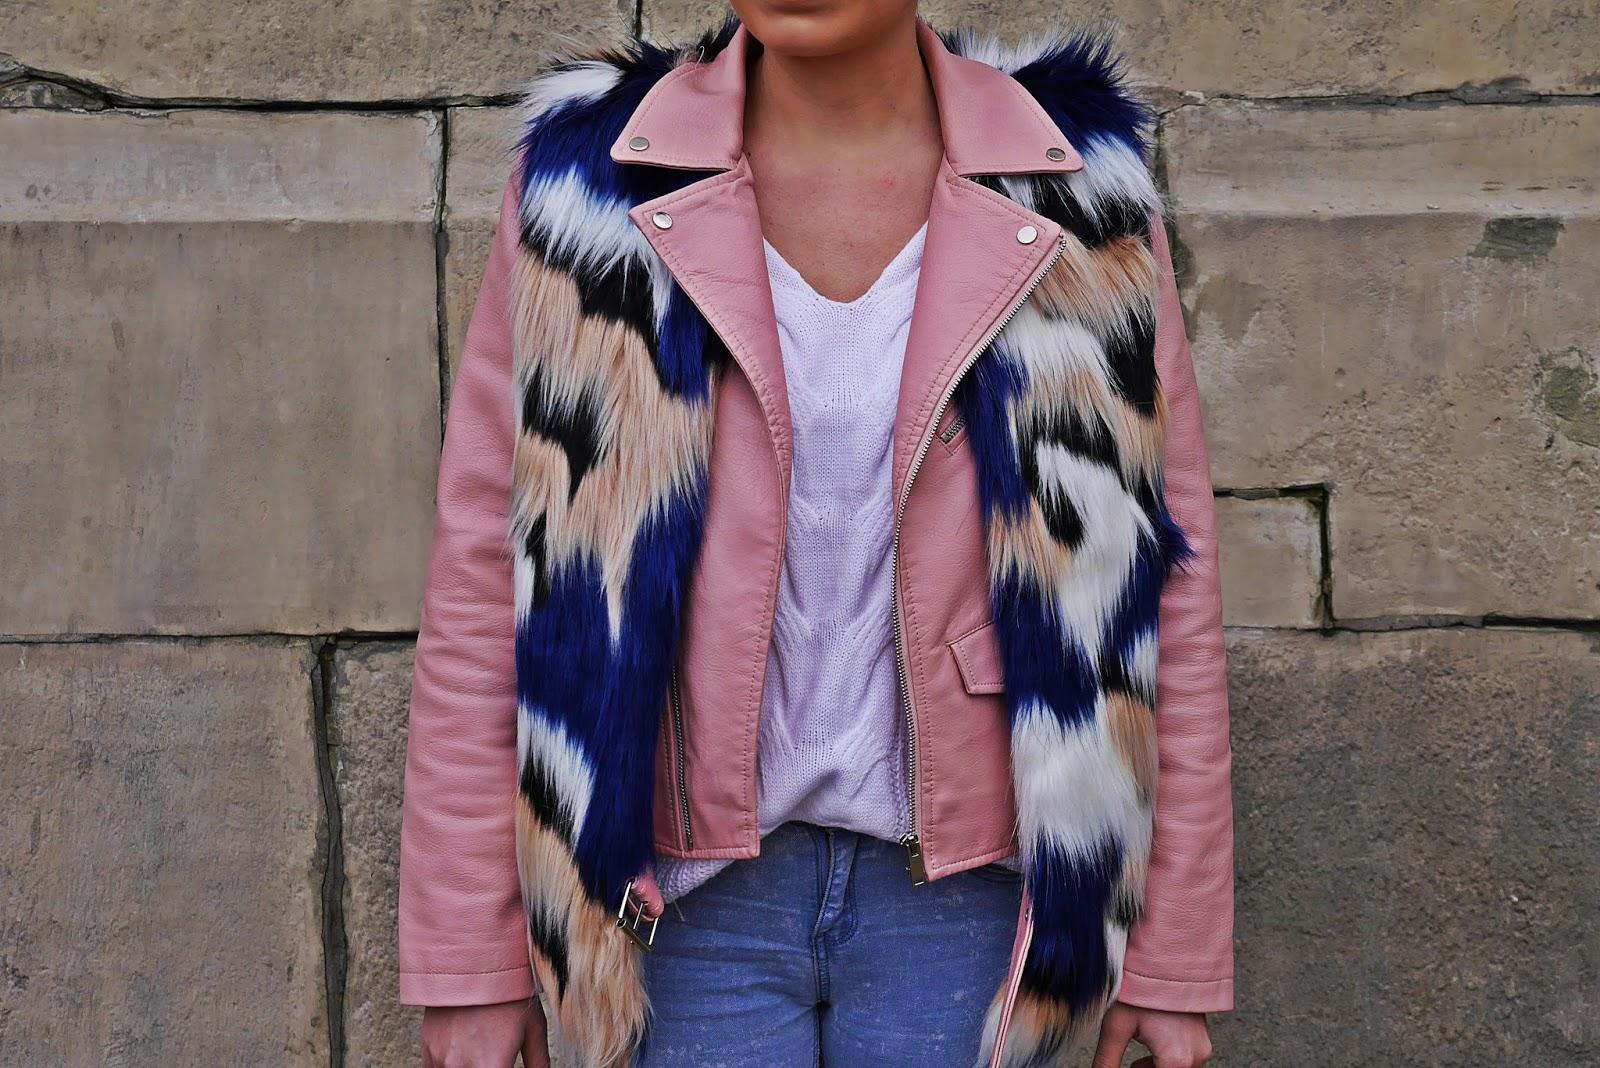 1_fur_vaist_pink_biker_jacket_jeans_buty_renee_karyn_blog_modowy_281217a